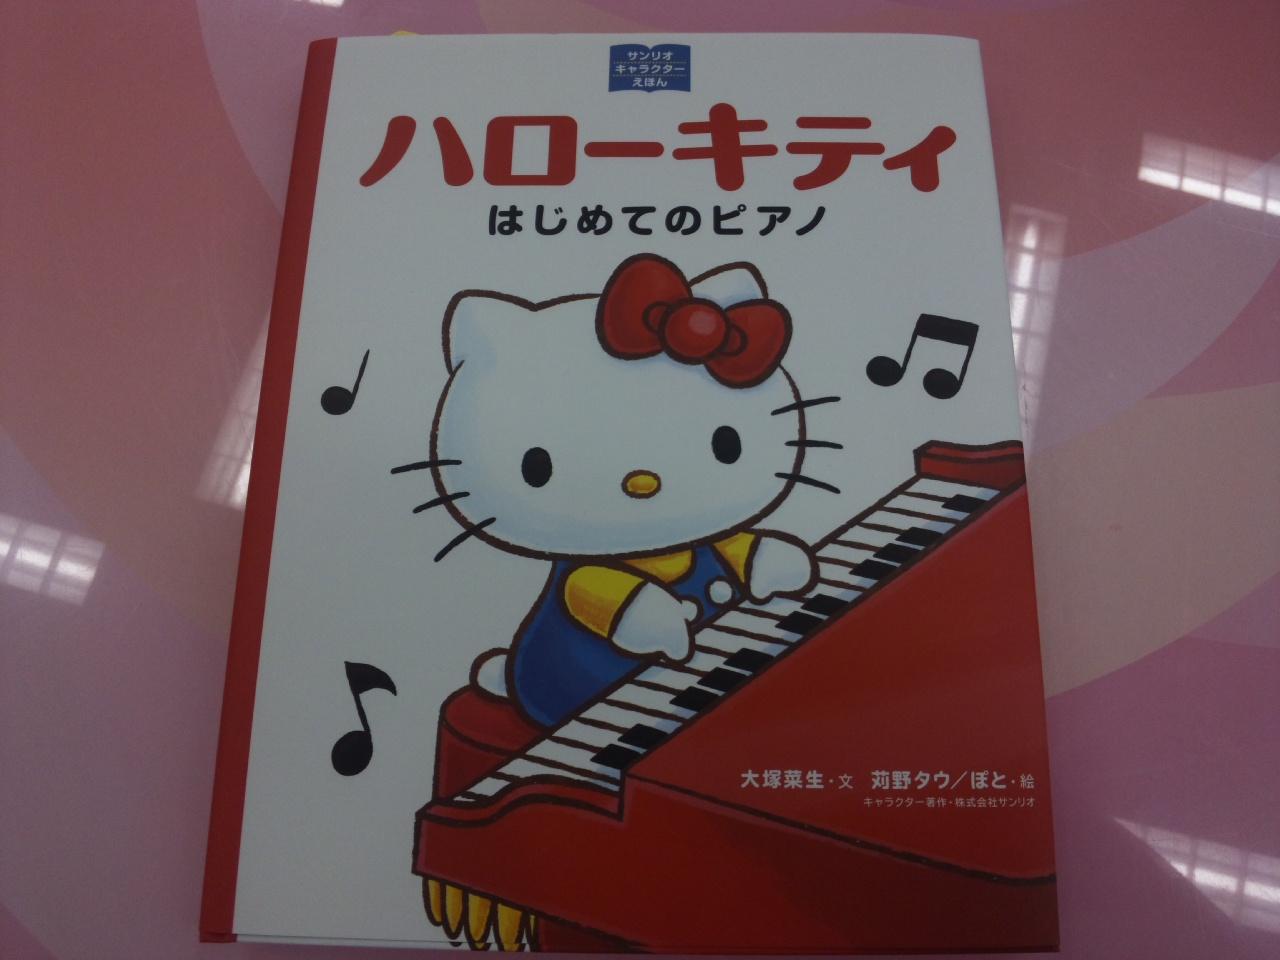 ハローキティはじめてのピアノ!